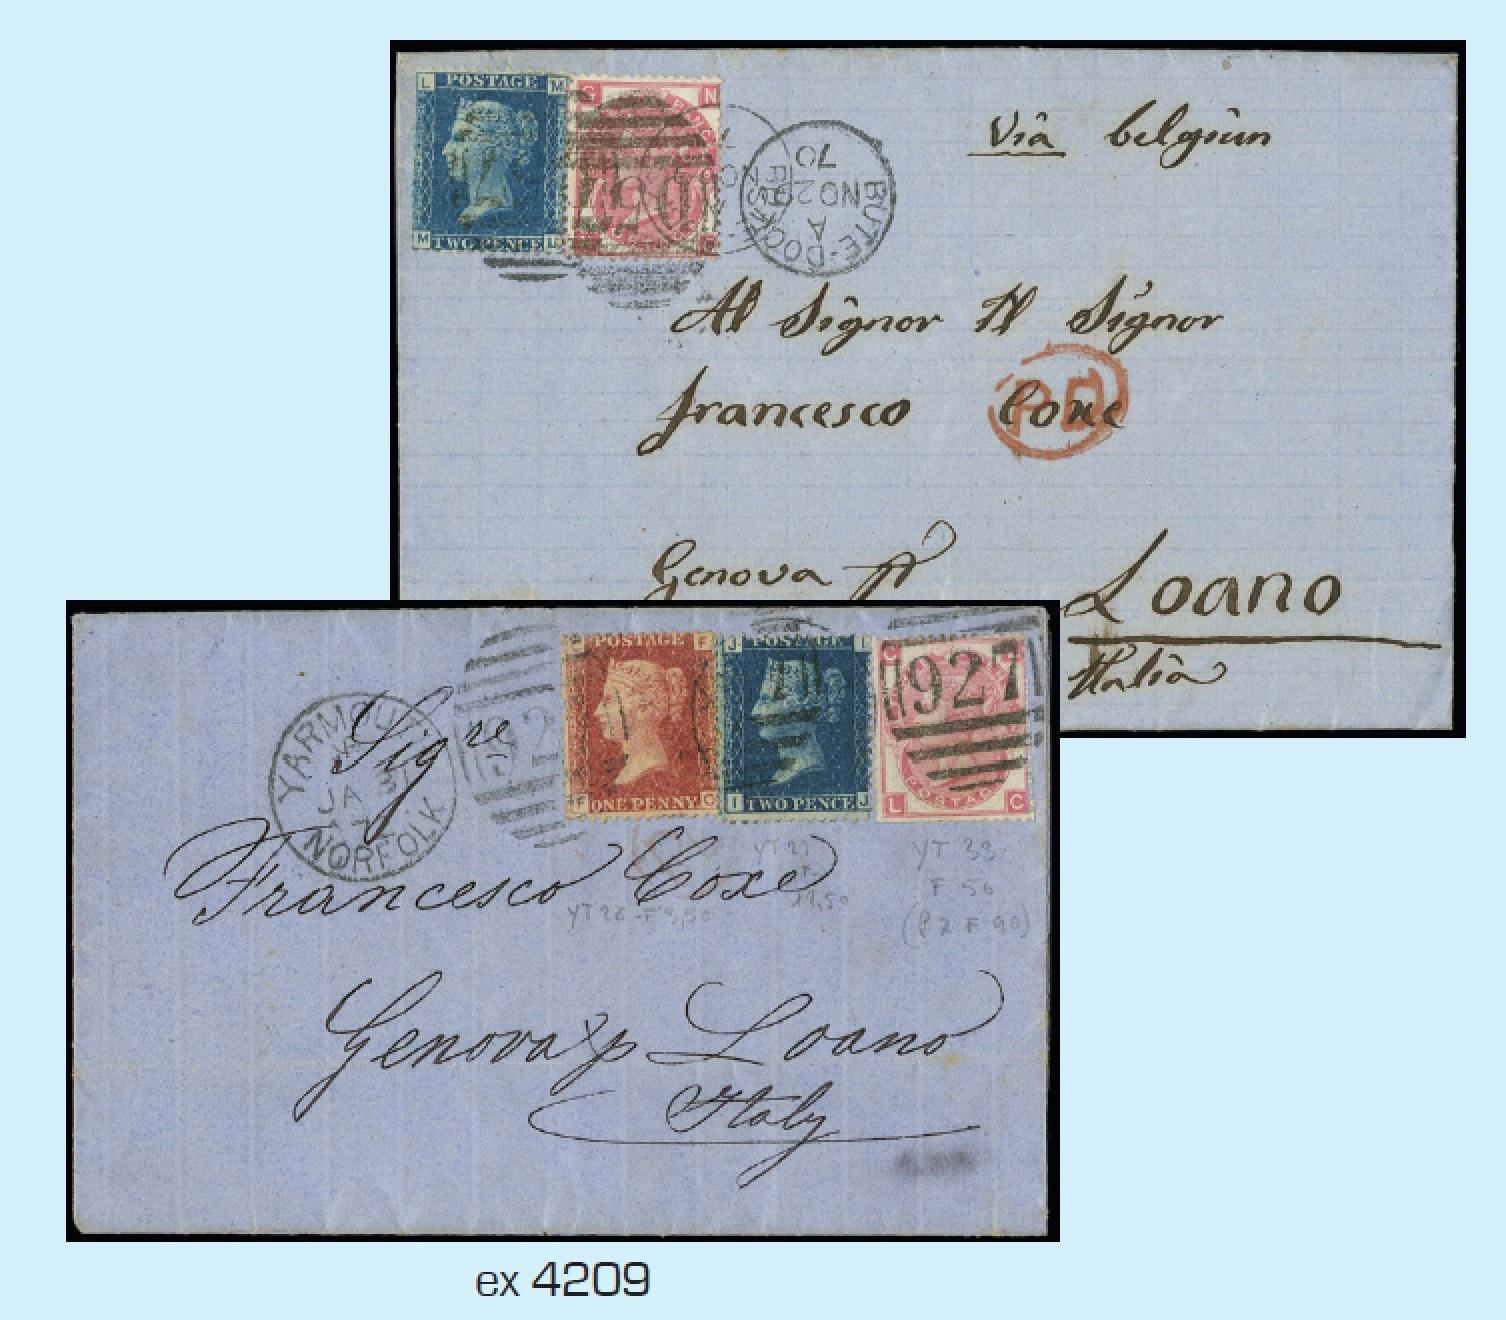 Lot 4209 - gran bretagna lotti e collezioni -  Zanaria Aste s.r.l. 9th Philatelic Auction